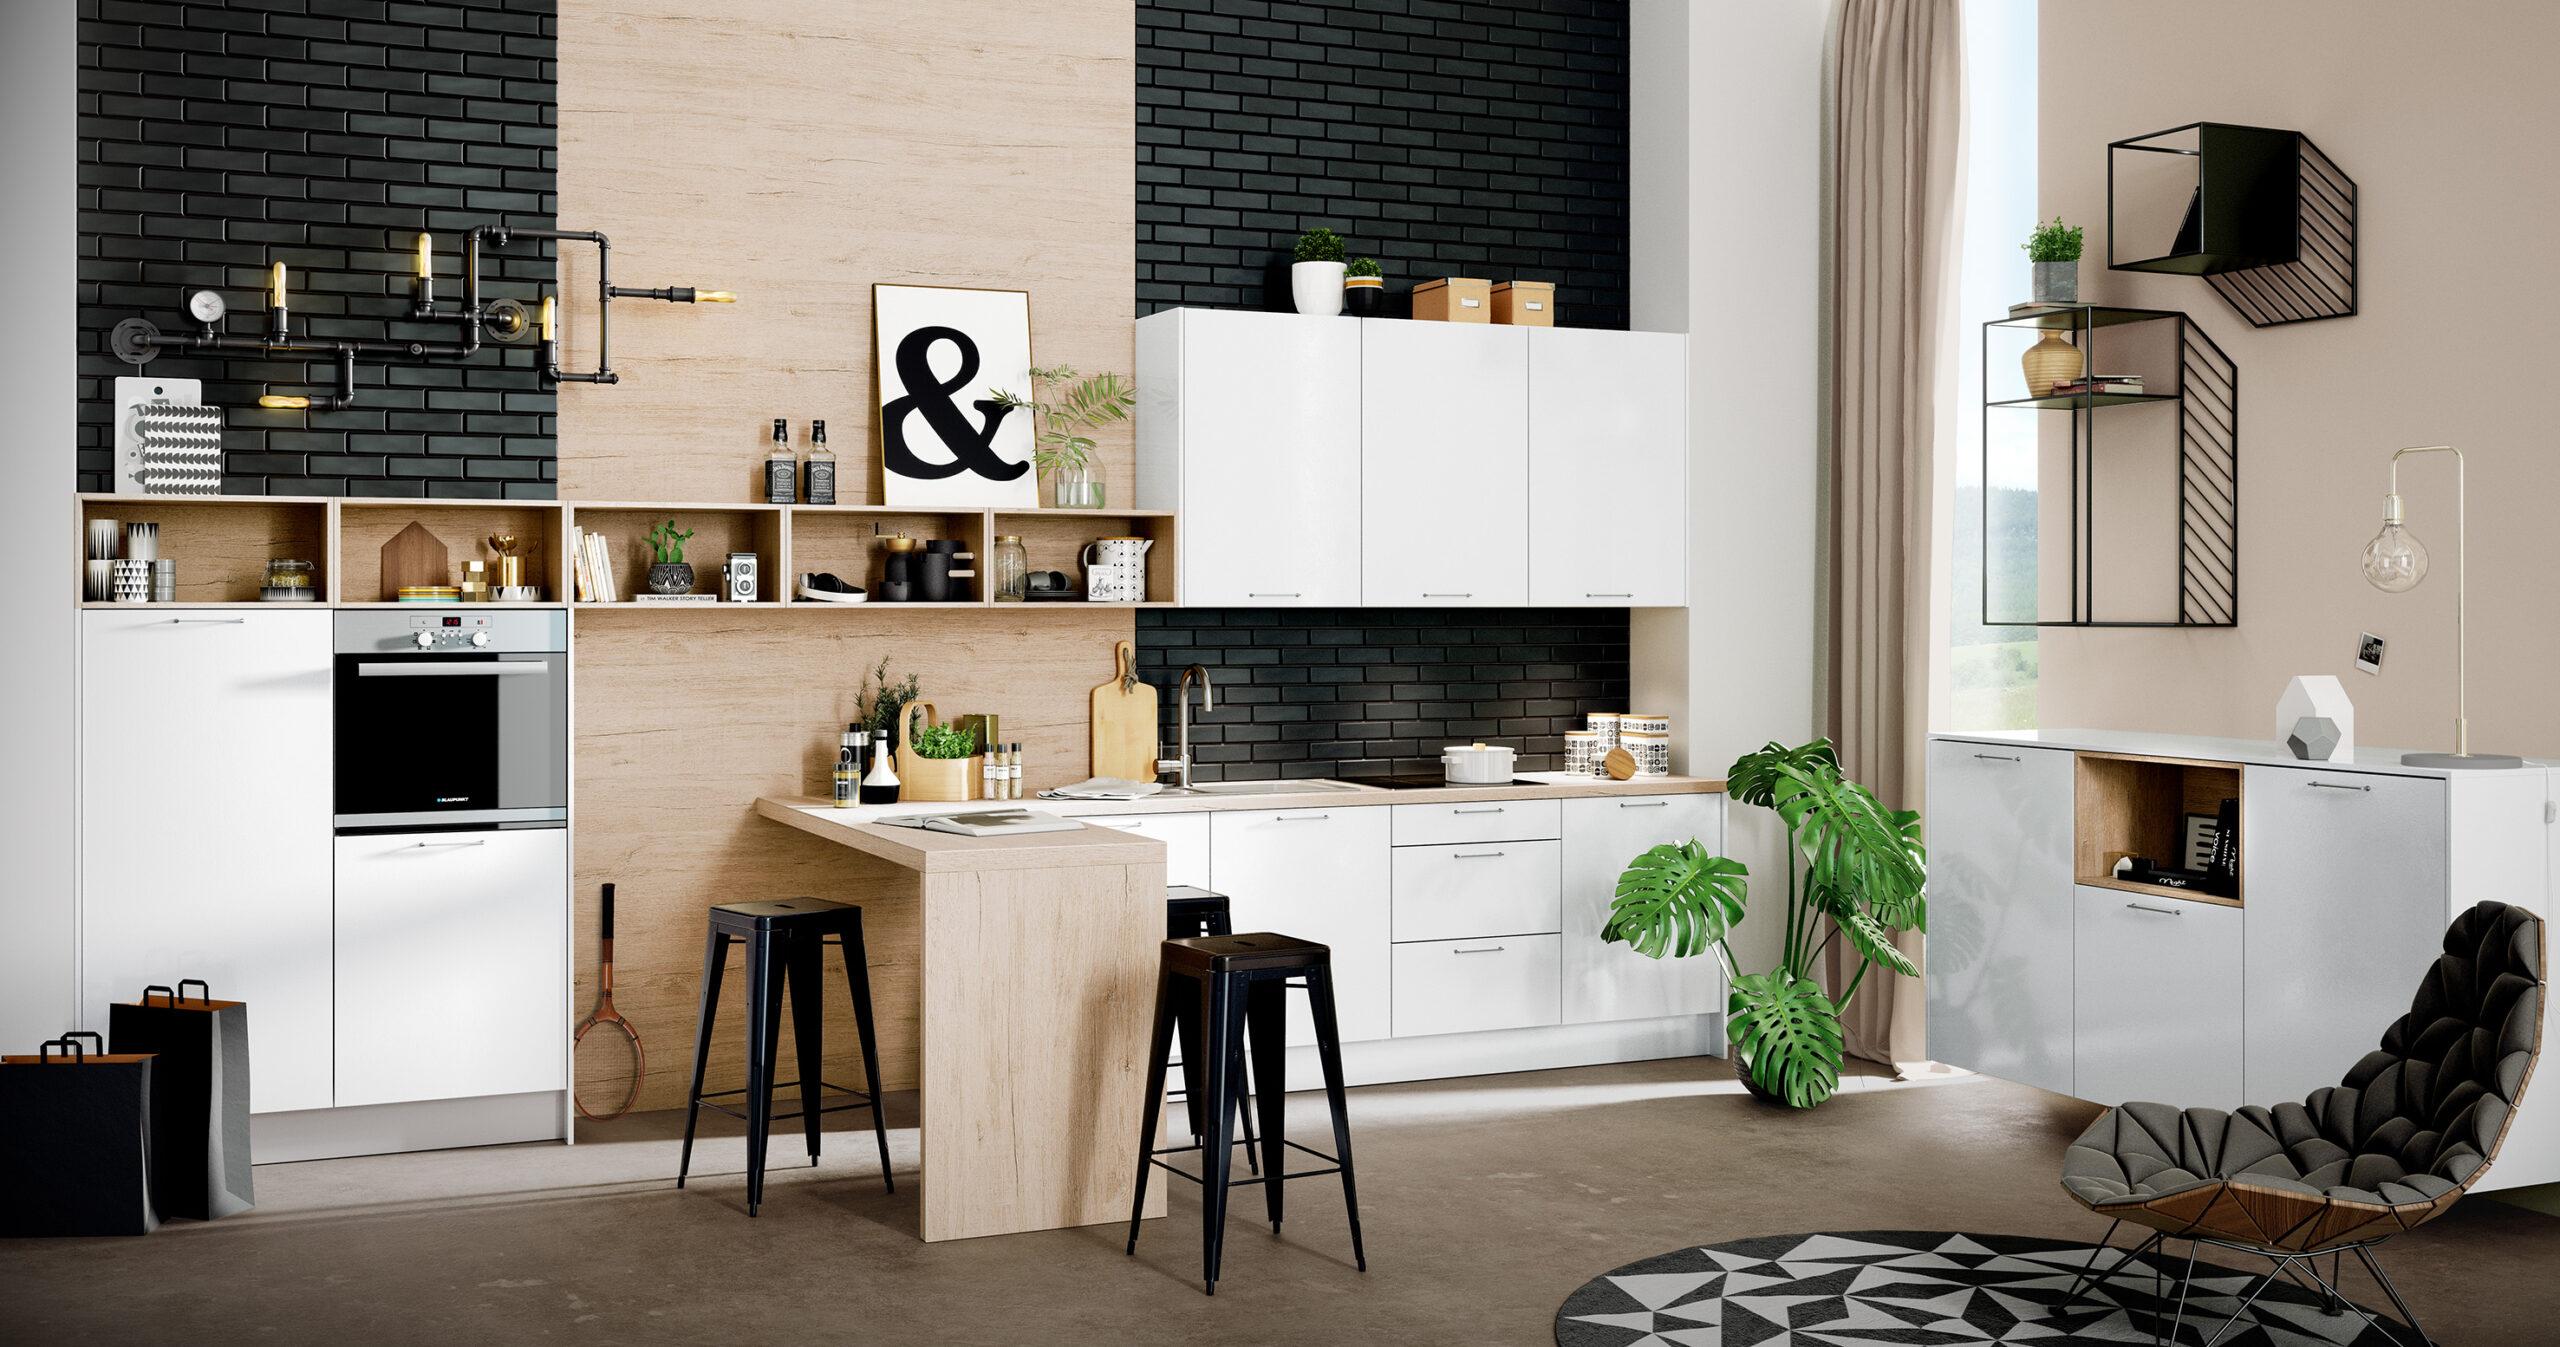 Full Size of Landhausküche Wandfarbe Moderne Gebraucht Weiß Weisse Grau Wohnzimmer Landhausküche Wandfarbe